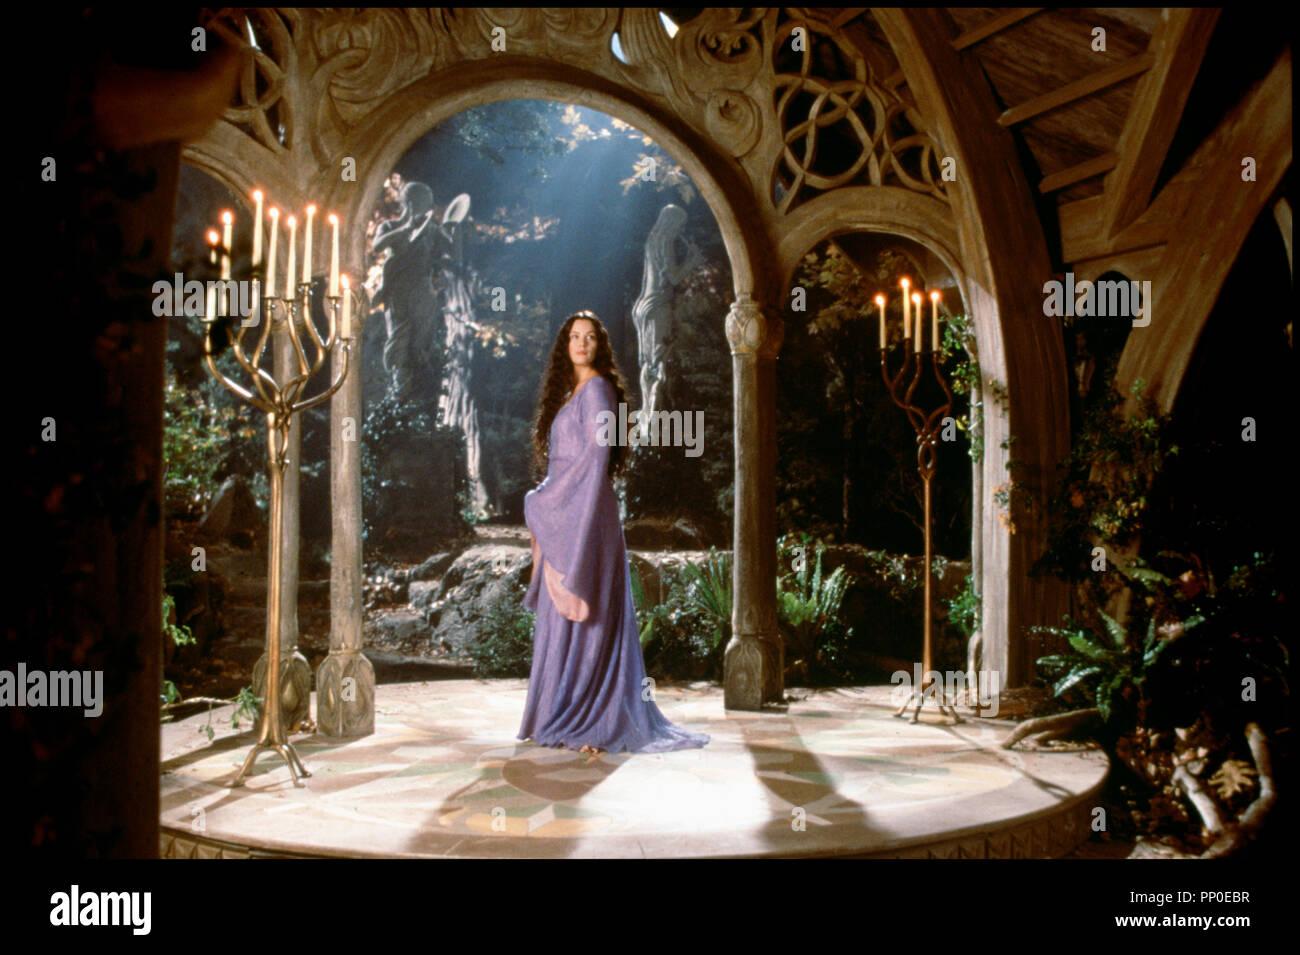 Prod DB © New Line Cinema / DR LE SEIGNEUR DES ANNEAUX - LES DEUX TOURS (THE LORD OF THE RINGS: THE TWO TOWERS) de Peter Jackson 2002 USA / NOUVELLE ZELANDE avec Liv Tyler elfe, princesse d'apres le roman de J.R.R. Tolkien - Stock Image